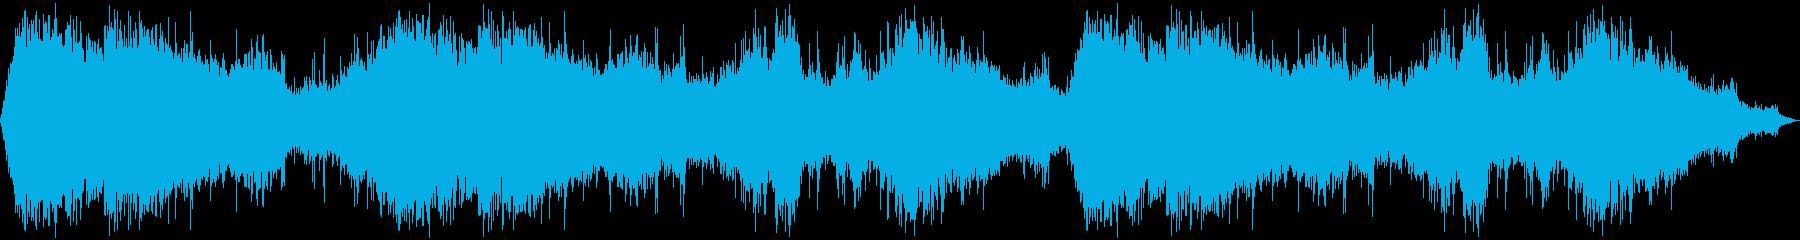 サスペンスフルダイナミックブリージ...の再生済みの波形